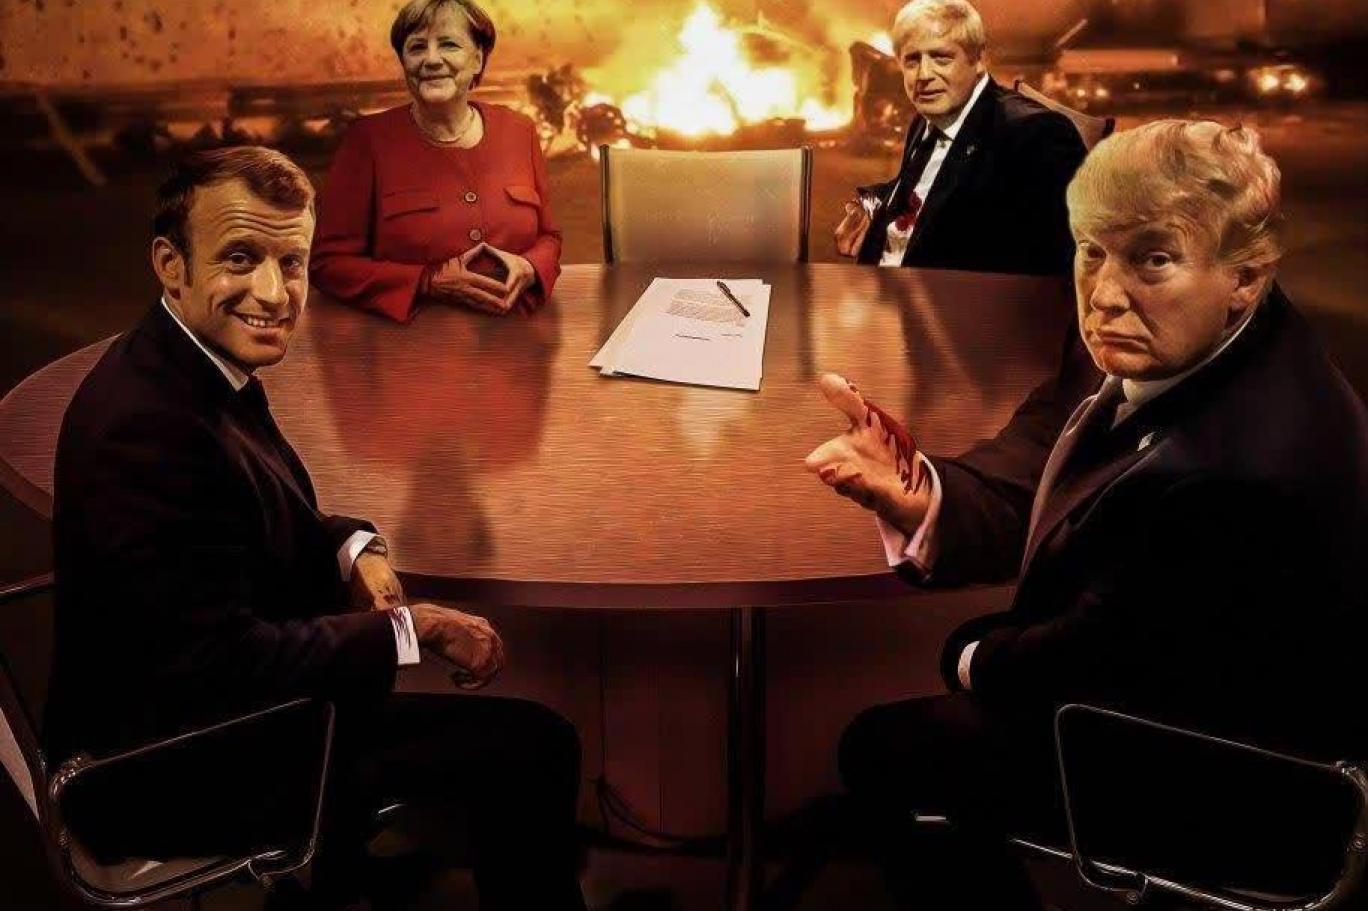 ایران با «جنتلمنهای پشت میز» مذاکره میکند؟ زمانی که پوسترهای «صداقت آمریکایی» طراحی میشد، مذاکرات محرمانه در جریان بود